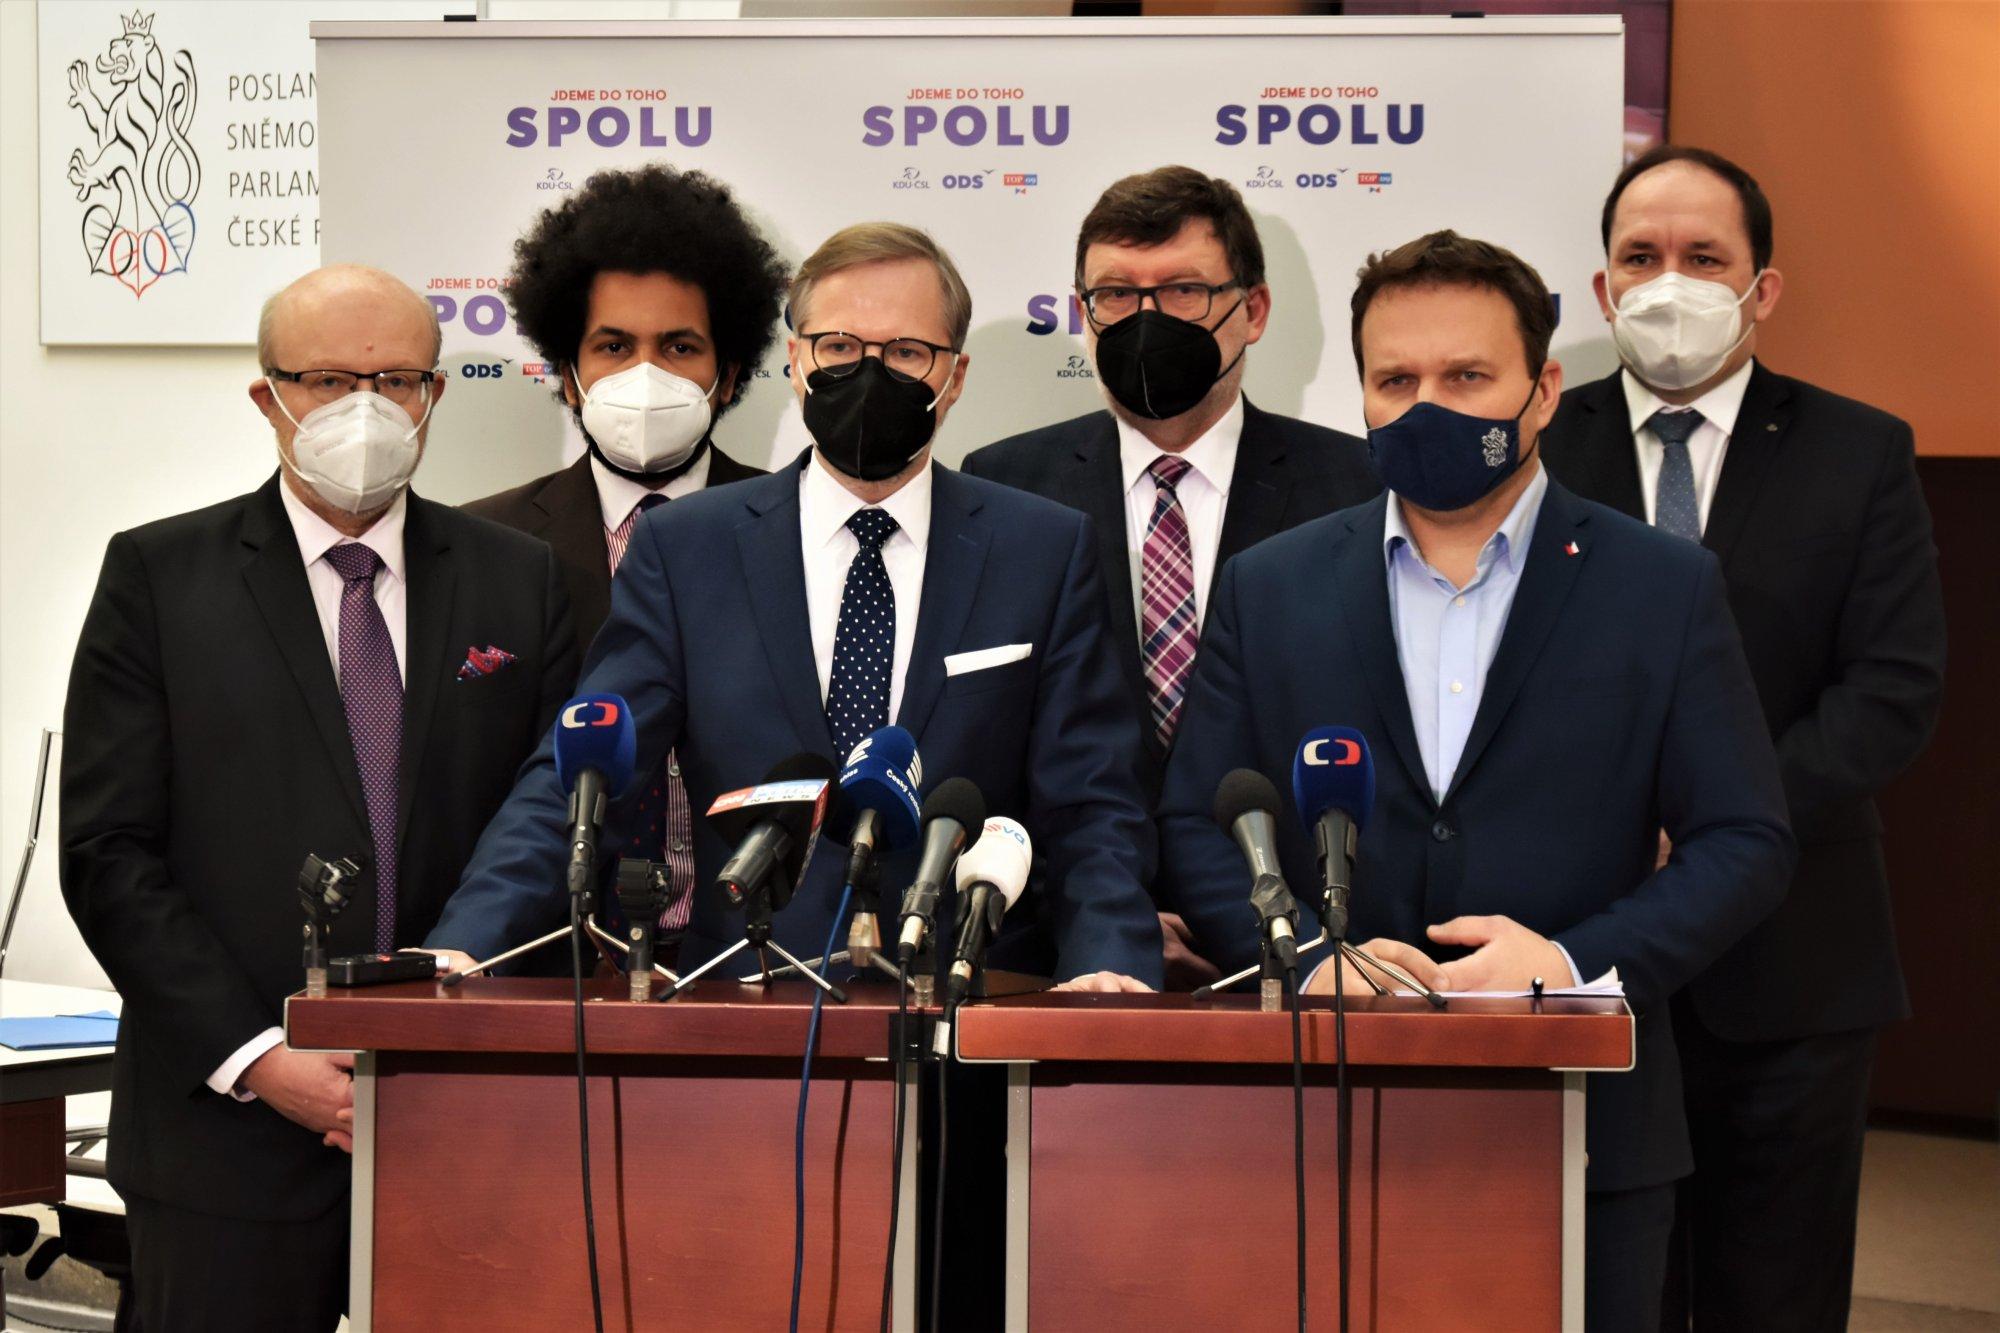 SPOLU: Prosadili jsme naše požadavky, pandemický zákon umožní náhrady škod